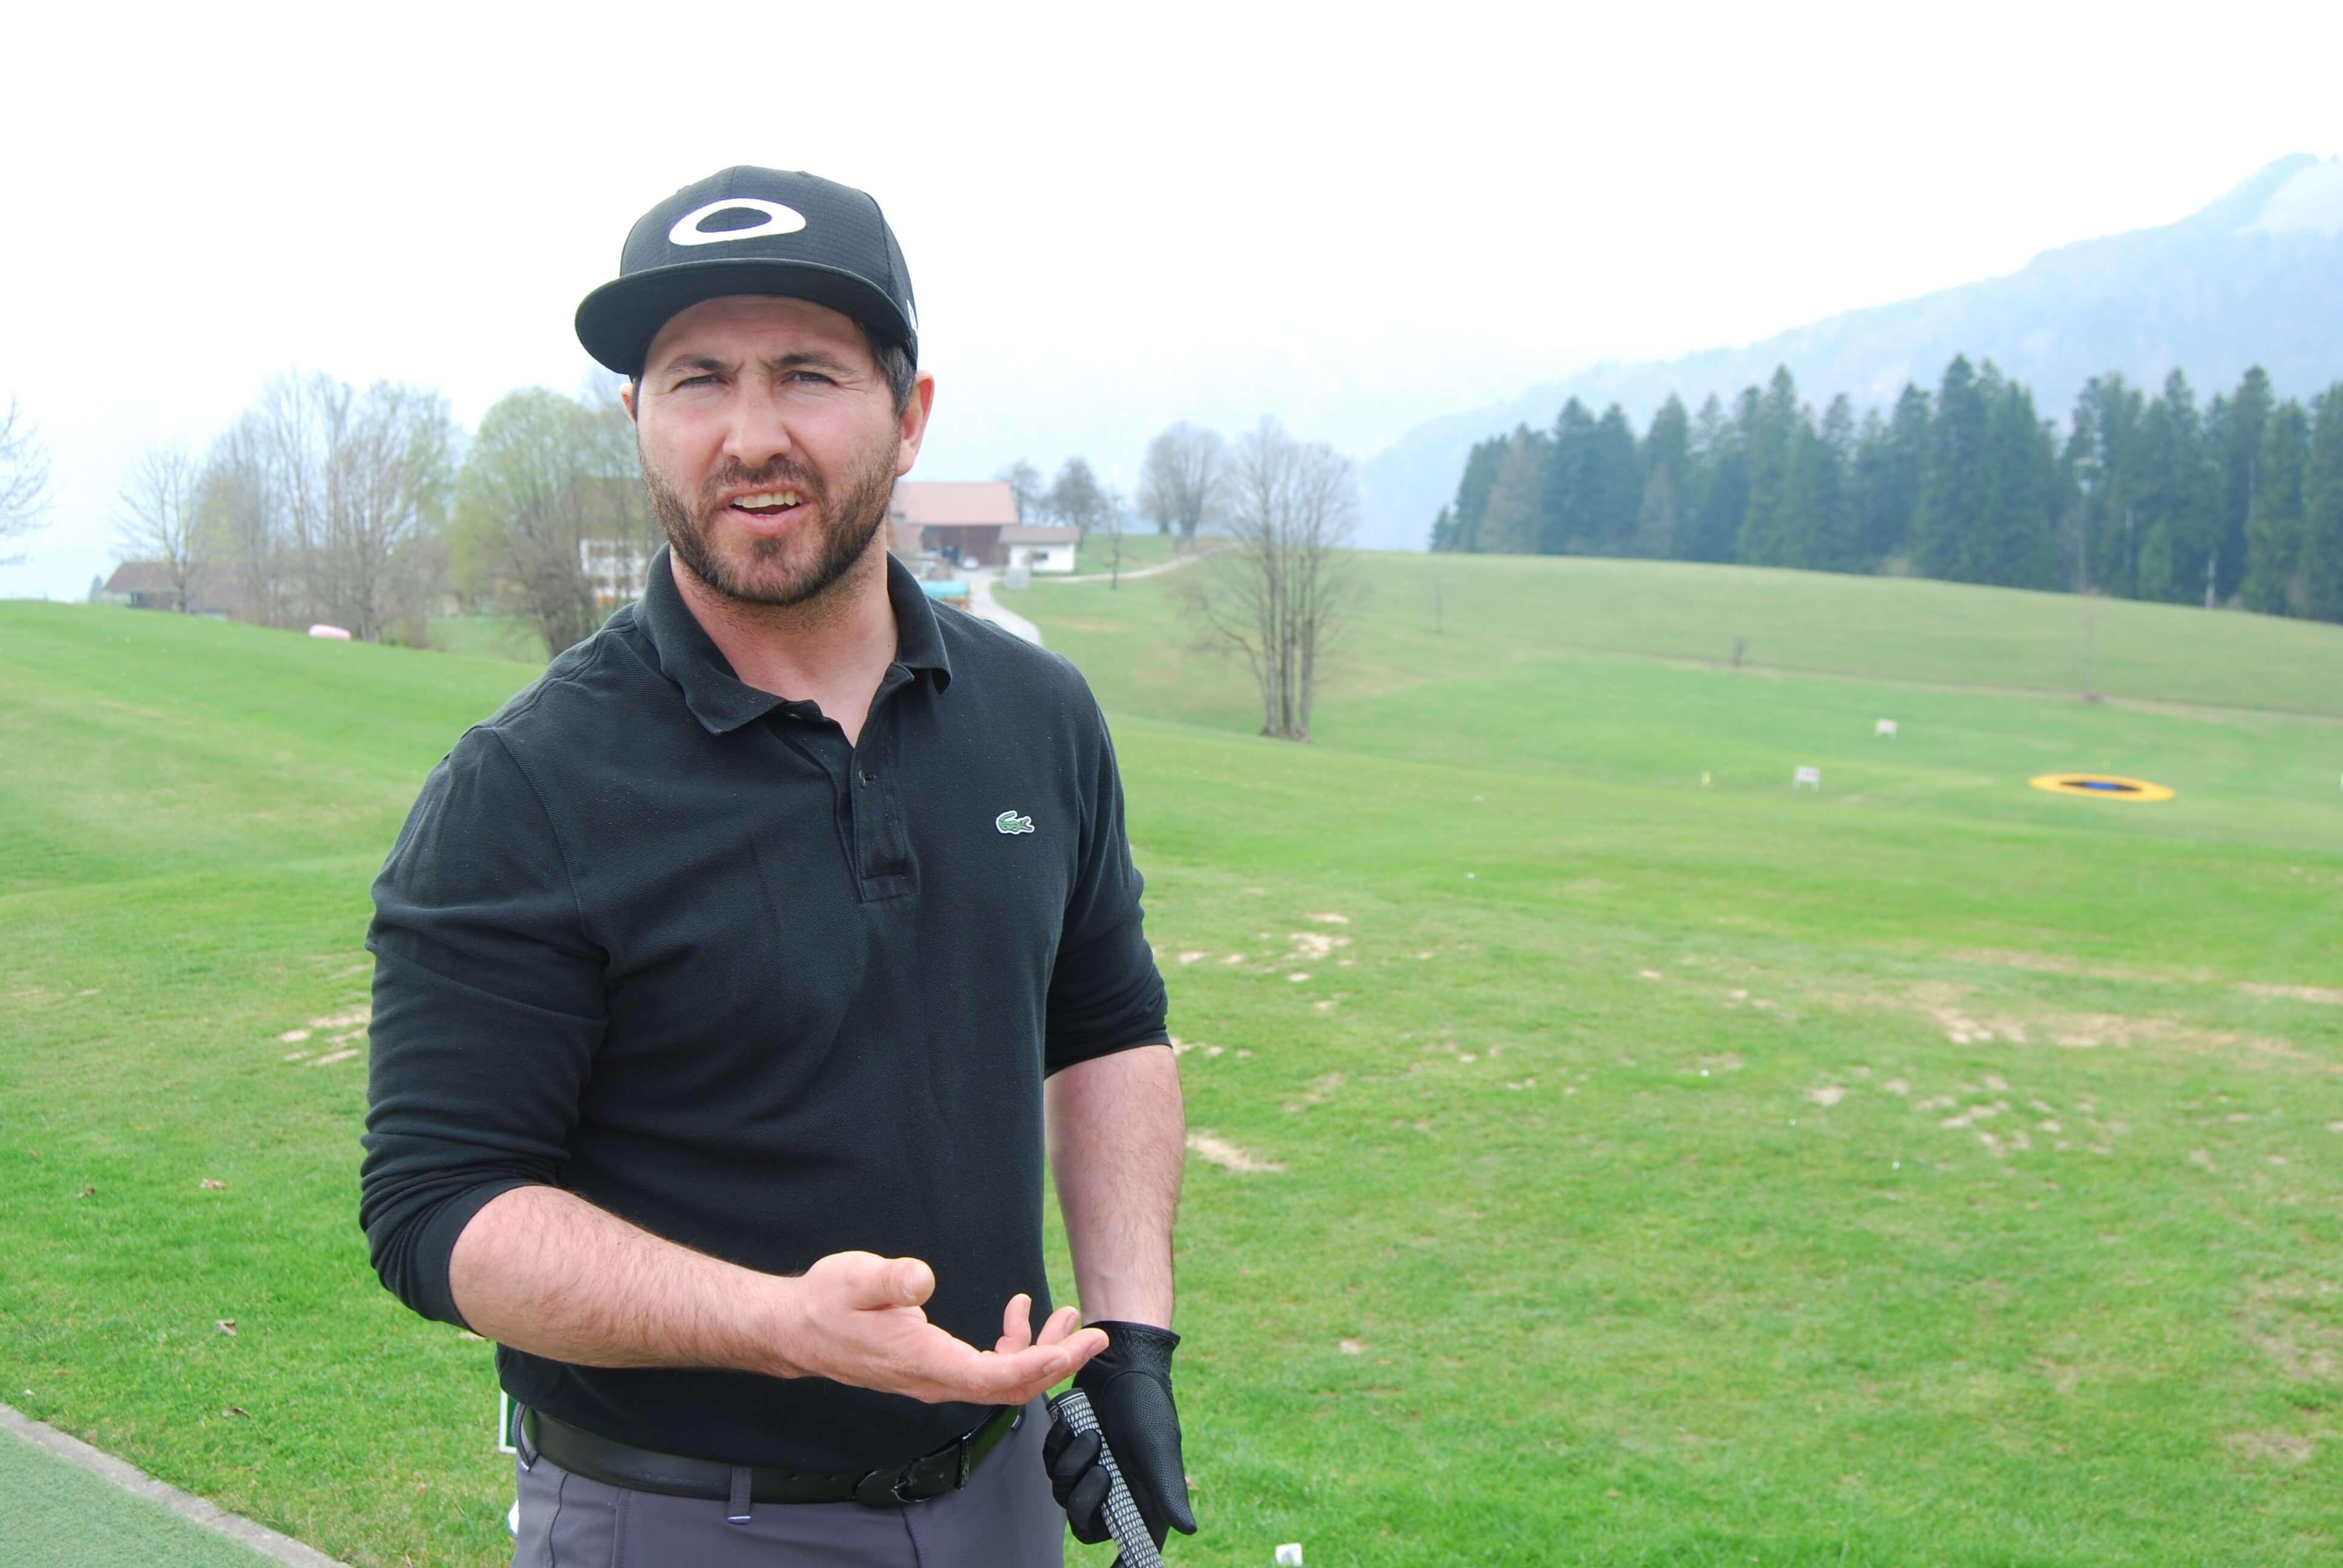 """""""Das Golfspiel ist ein Genuss. Dafür sollte man sich genügend Zeit nehmen"""", meint Golflehrer Hansi vom GC Reith im Winkl - Kössen. (C) Florian Warum"""